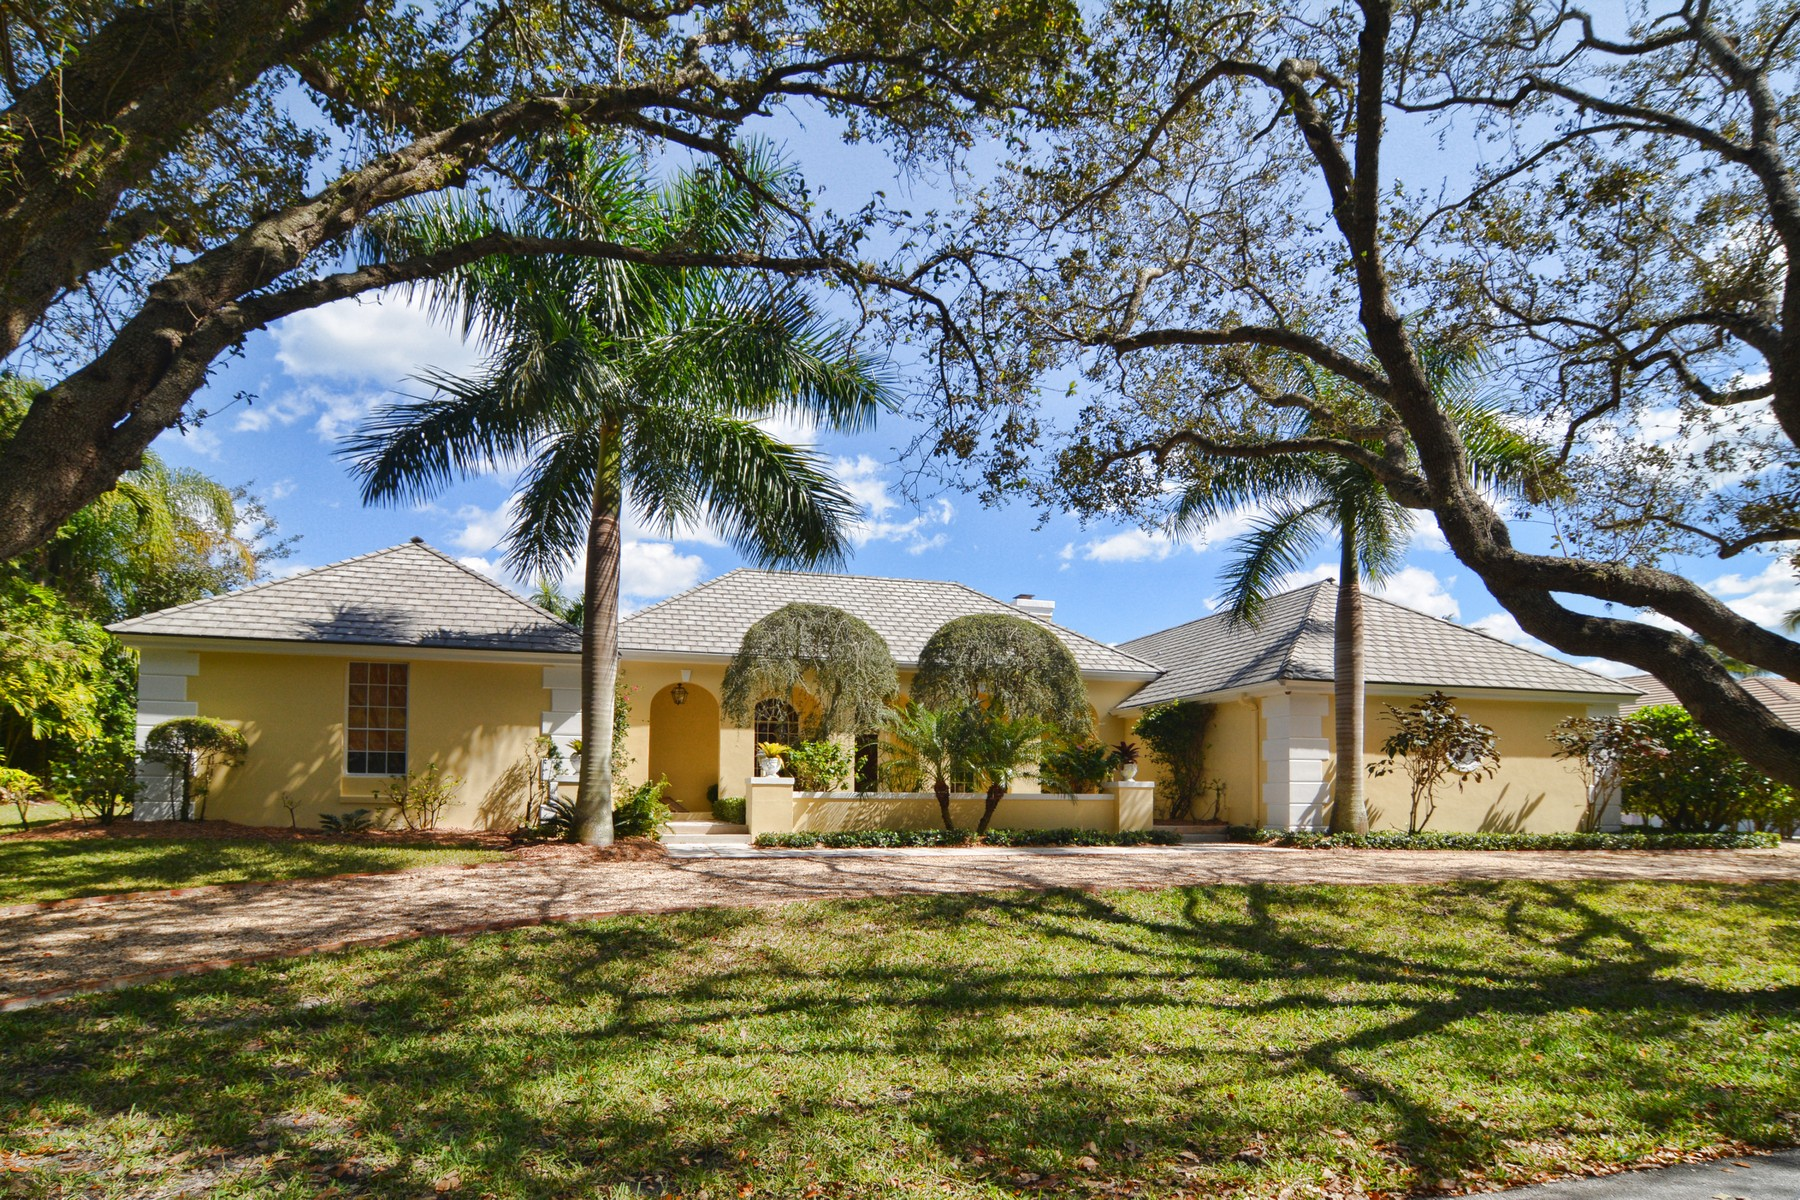 Maison unifamiliale pour l Vente à 18444 SE Heritage Drive Heritage Oaks, Tequesta, Florida, 33469 États-Unis